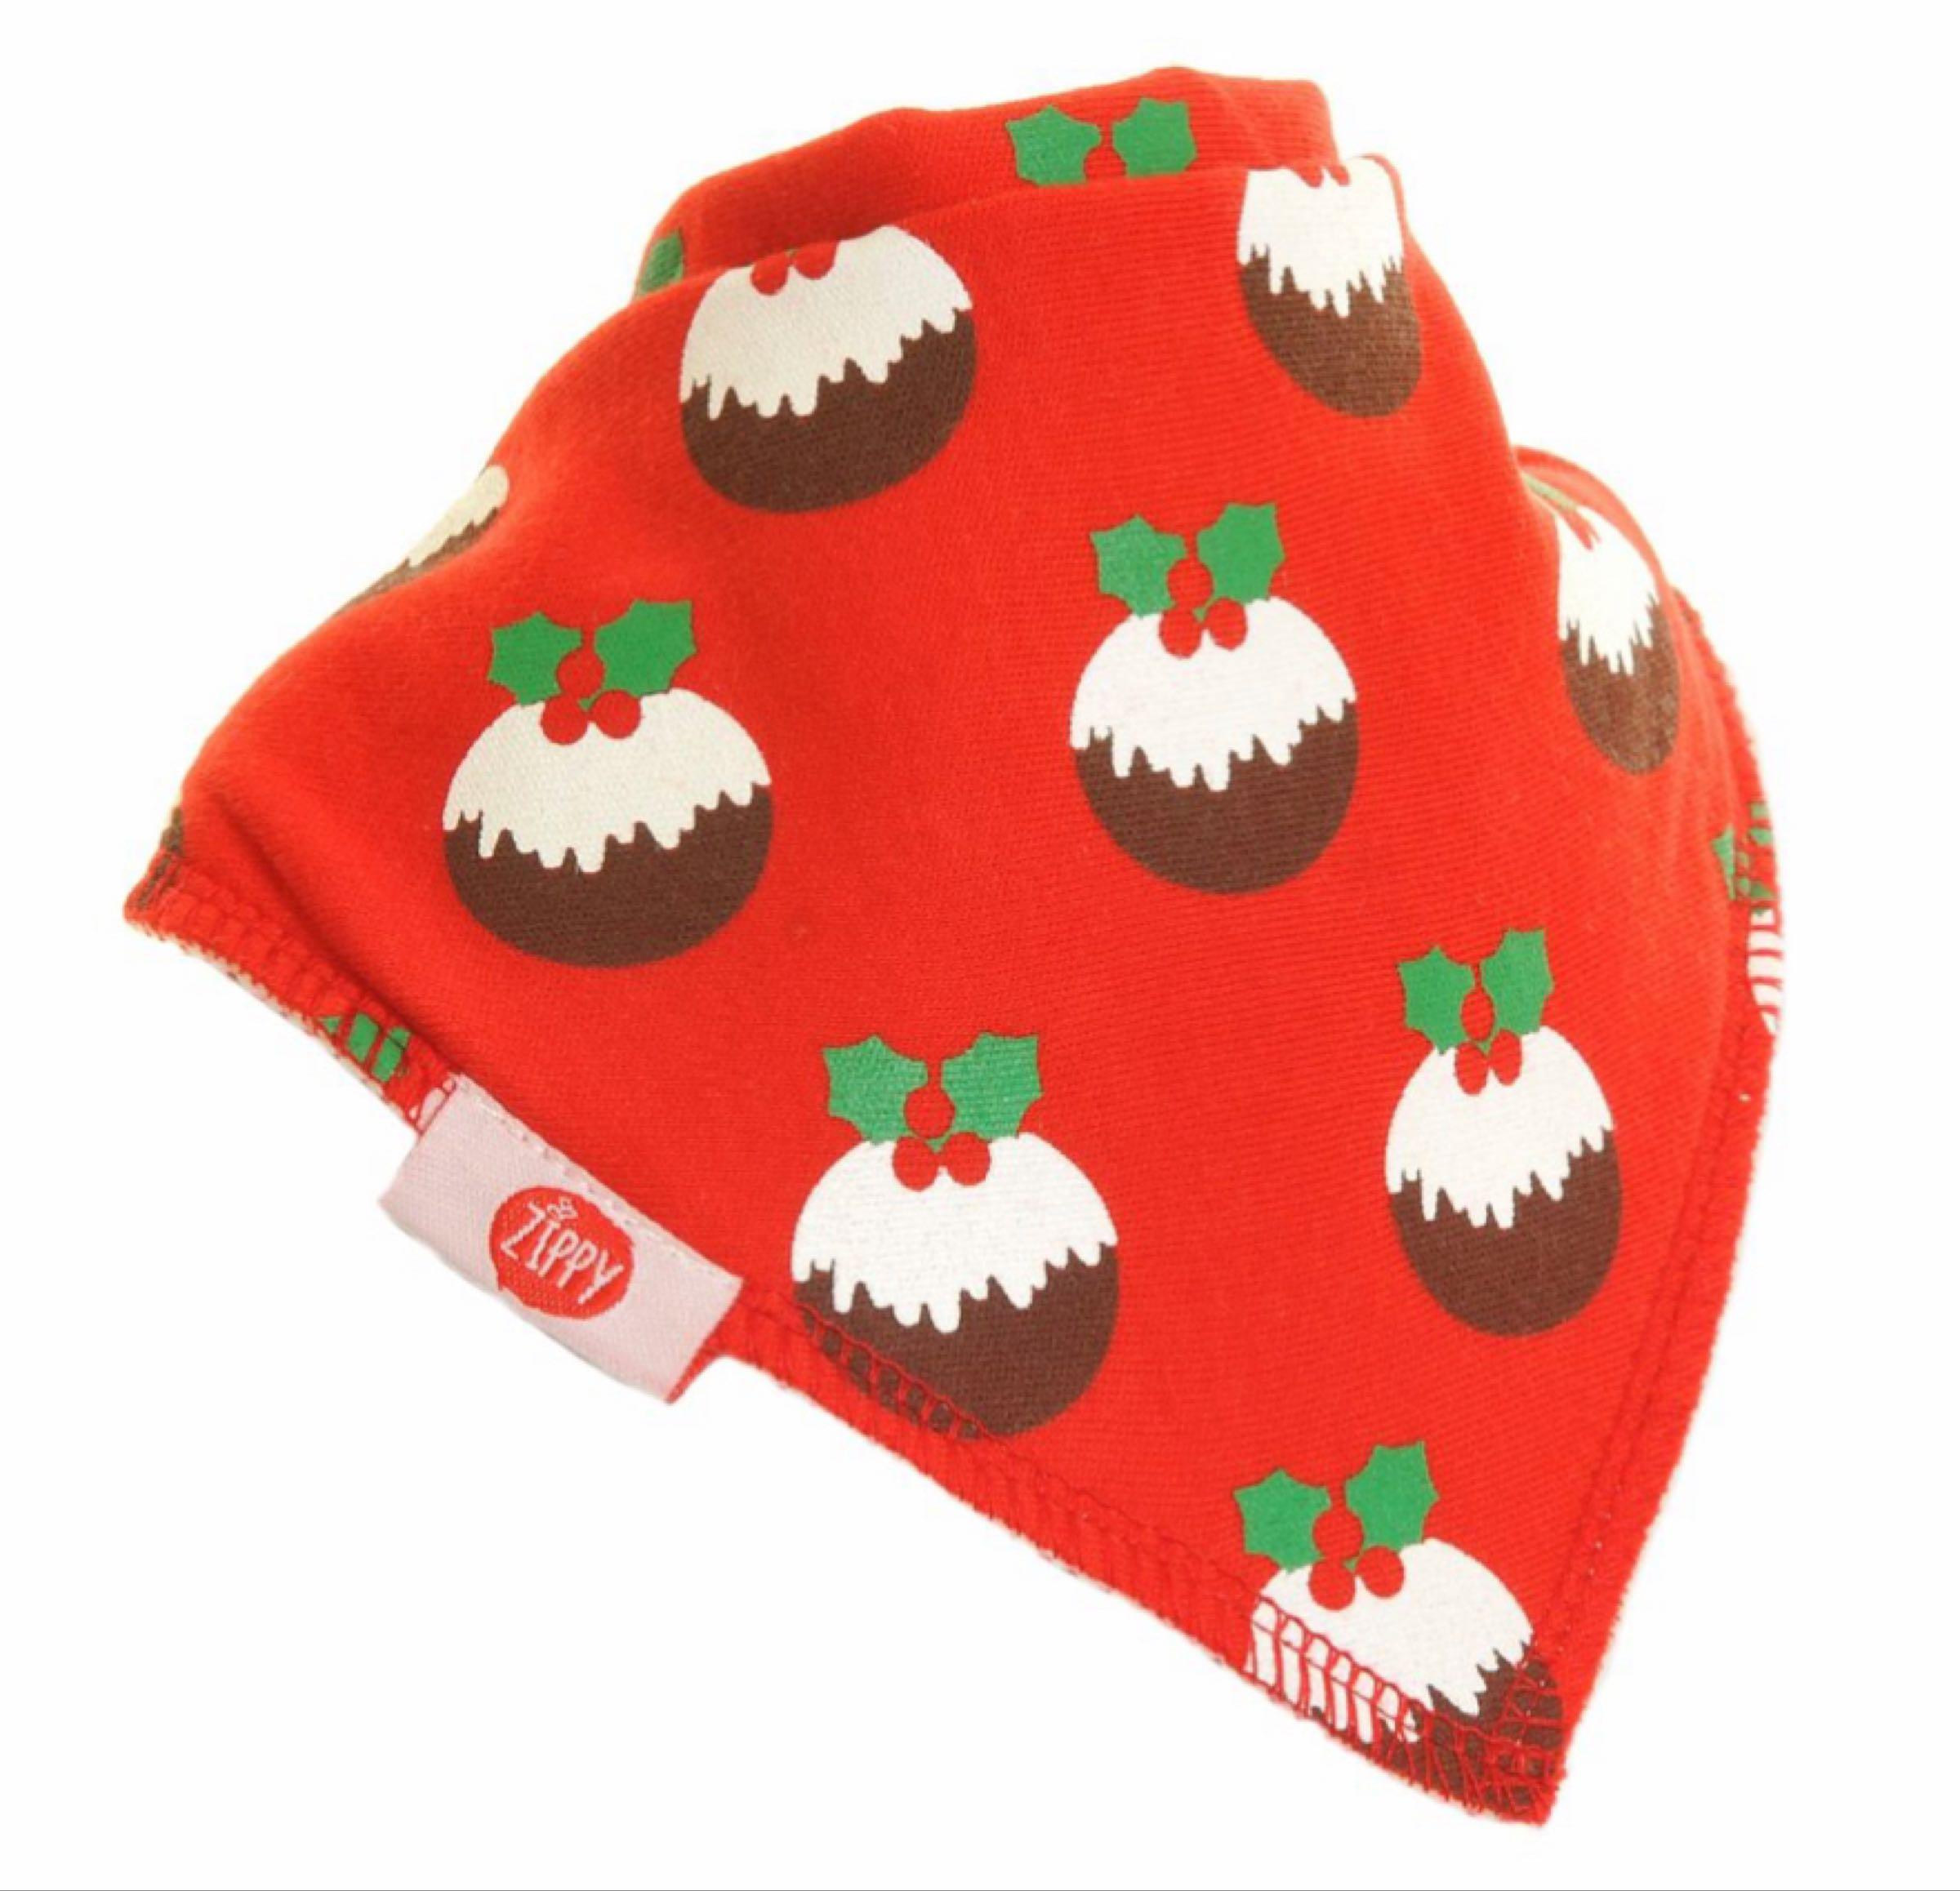 Ziggle red Christmas pudding bandana bib